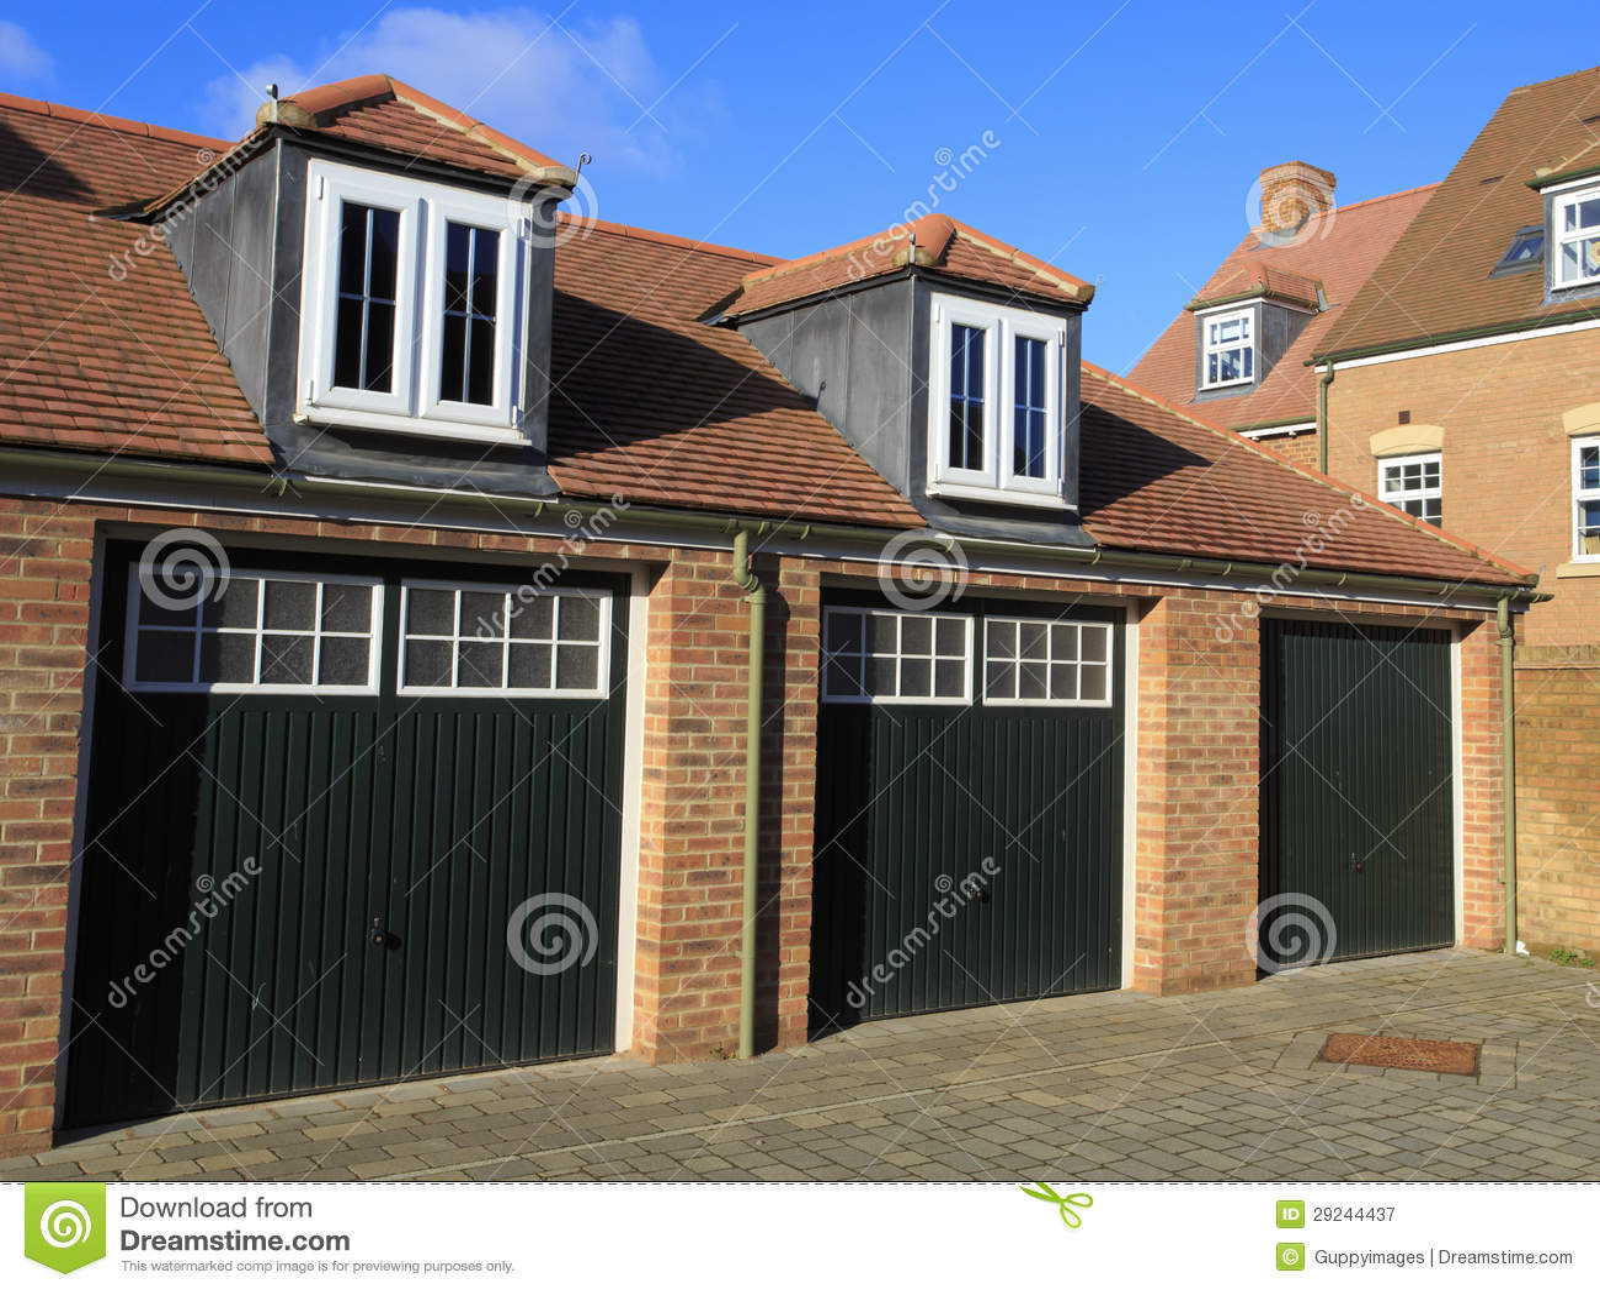 Download Garagens Do Estilo Tradicional Com Portas E Os Indicadores De Dormer De Madeira Imagem de Stock - Imagem de construção, propriedade: 29244437